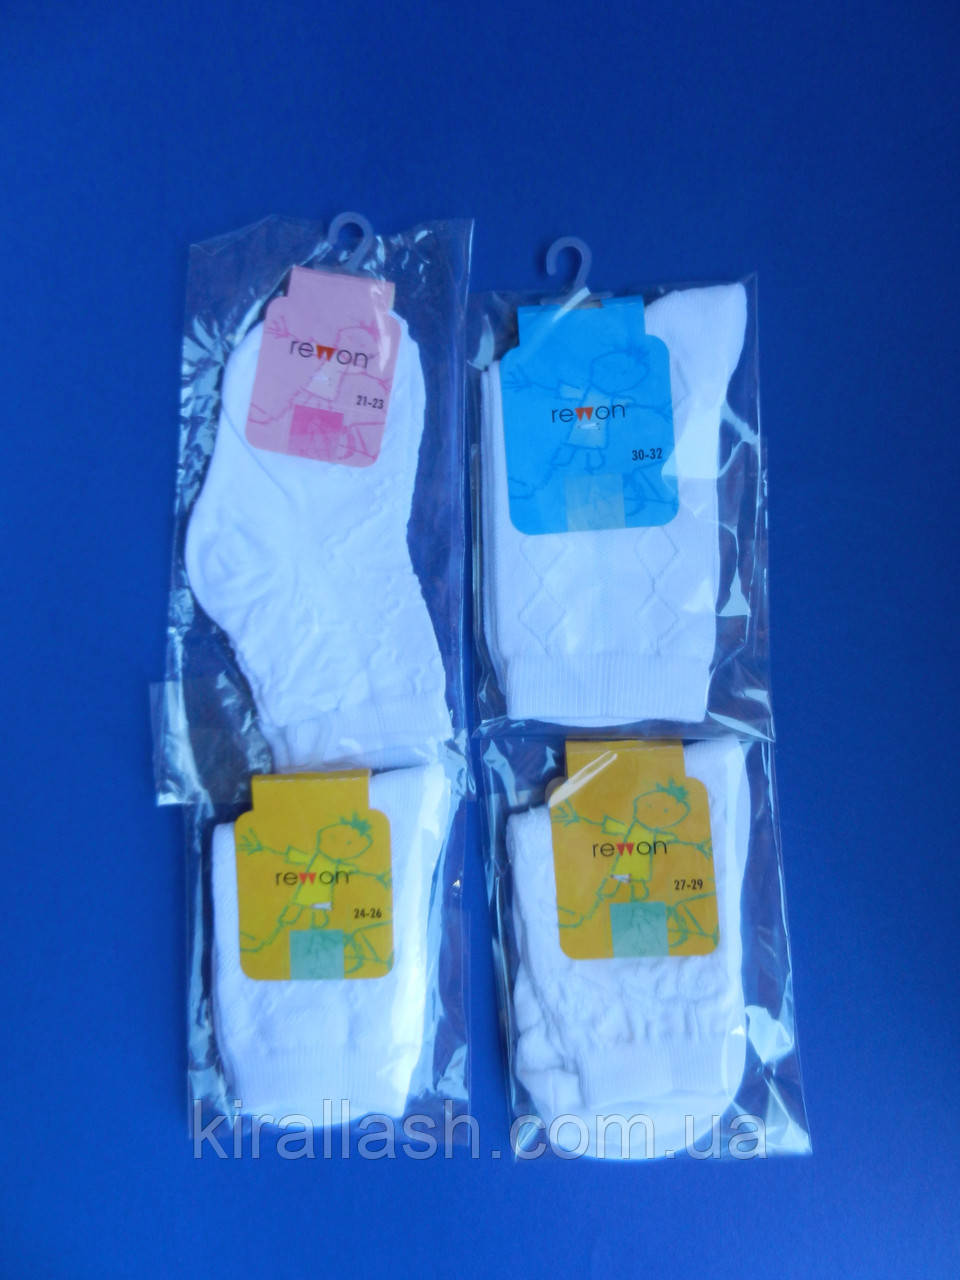 """Шкарпетки (30-32, 19-20 см) АЖУРНІ """"Rewon"""" БІЛІ Польща"""